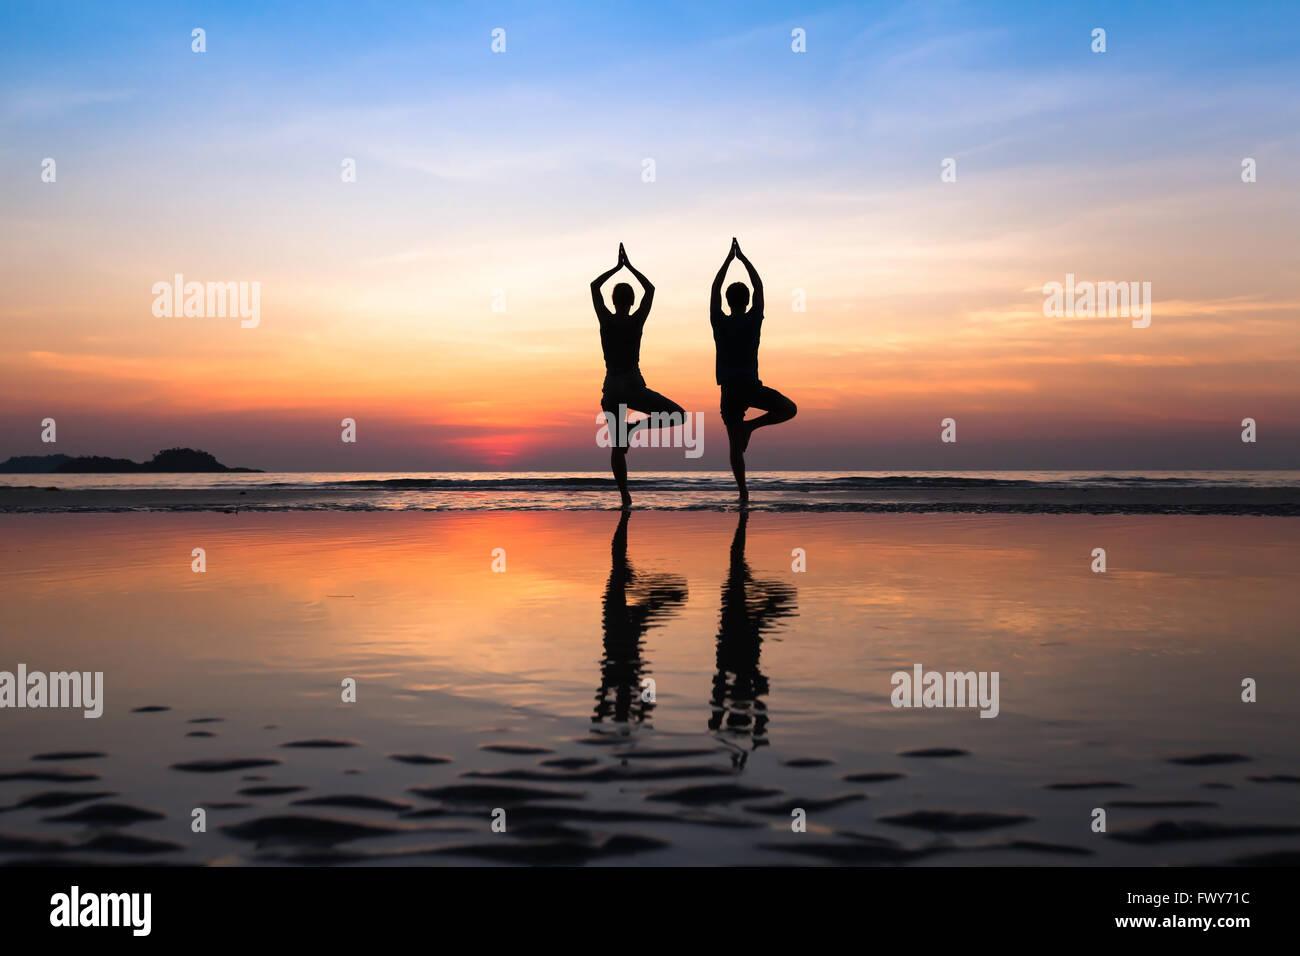 Lo yoga sulla spiaggia, un gruppo di persone che praticano uno stile di vita sano Immagini Stock